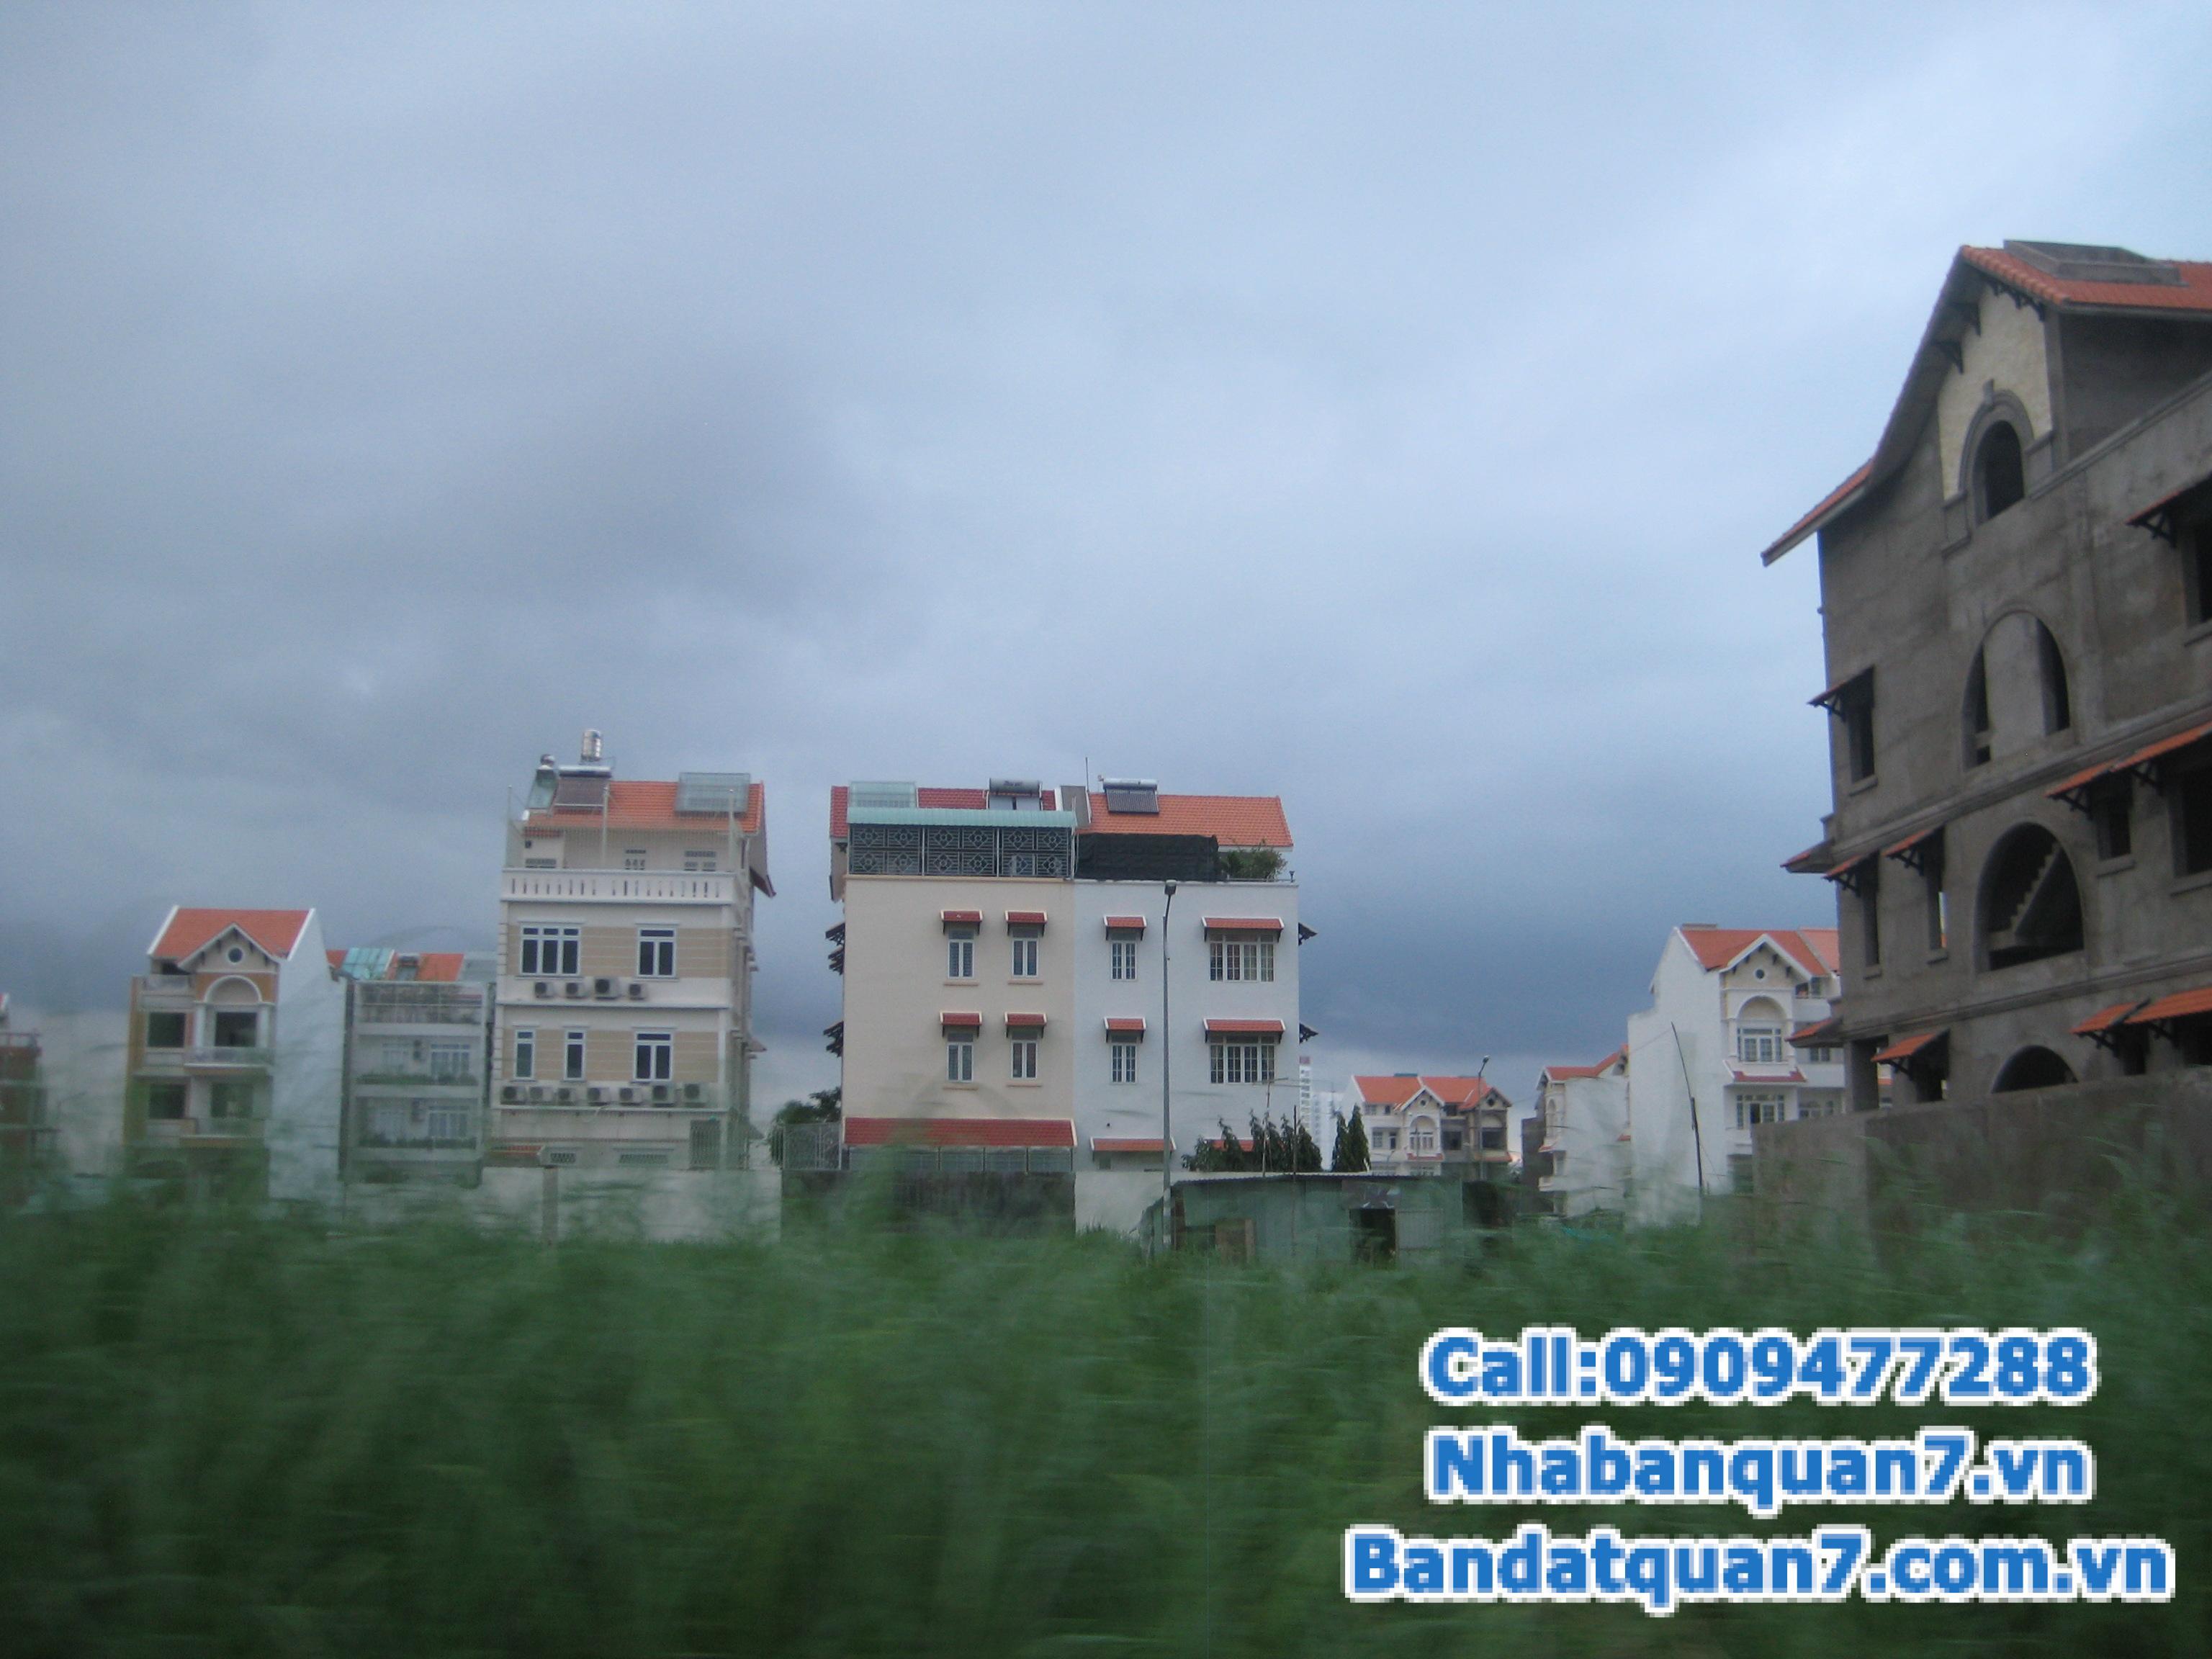 Bán đất mặt tiền Nguyễn Thị Thập KDC Him Lam Kênh Tẻ, 10x20m, vị trí đẹp, giá rẻ 125 triệu/m2